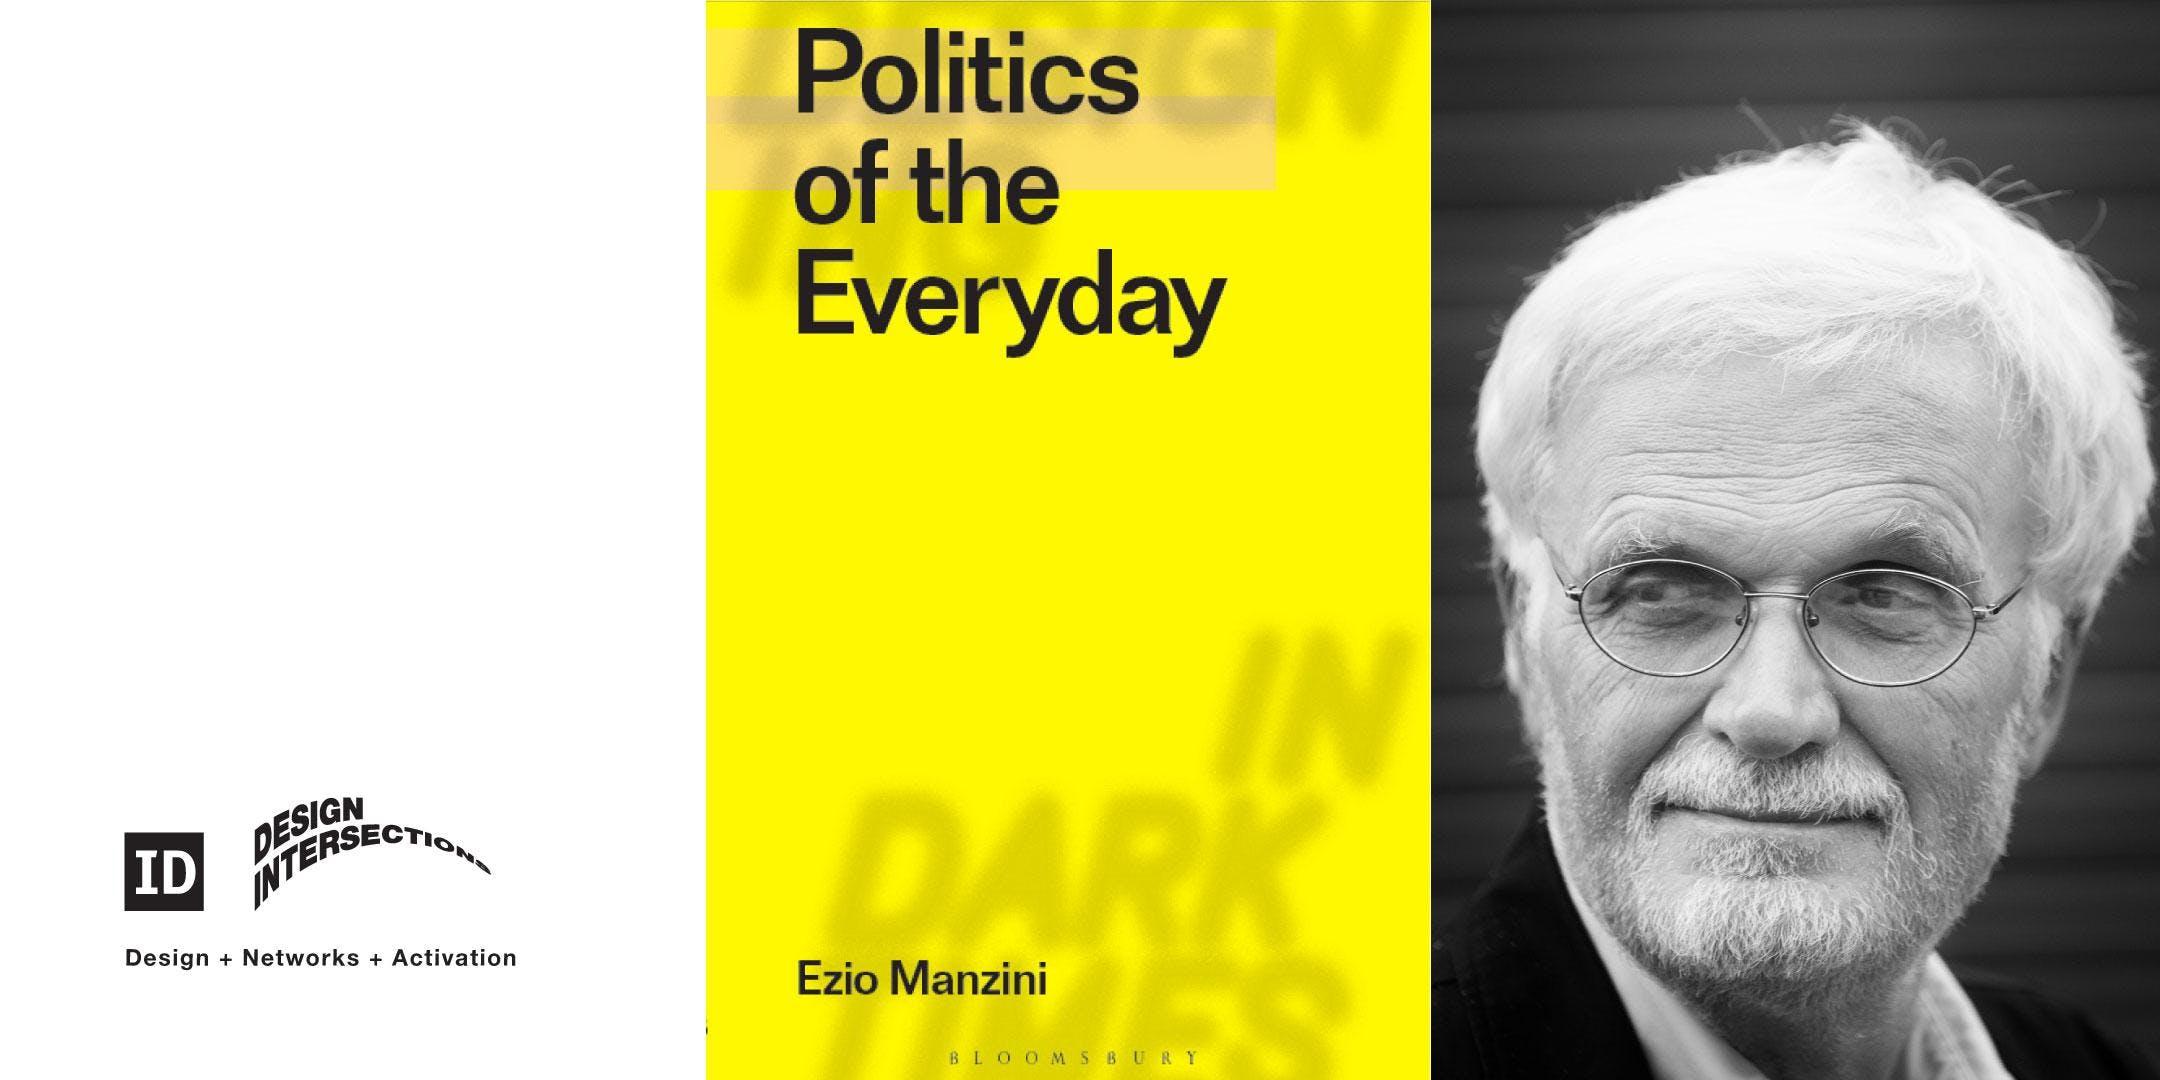 Ezio Manzini: Politics of the Everyday